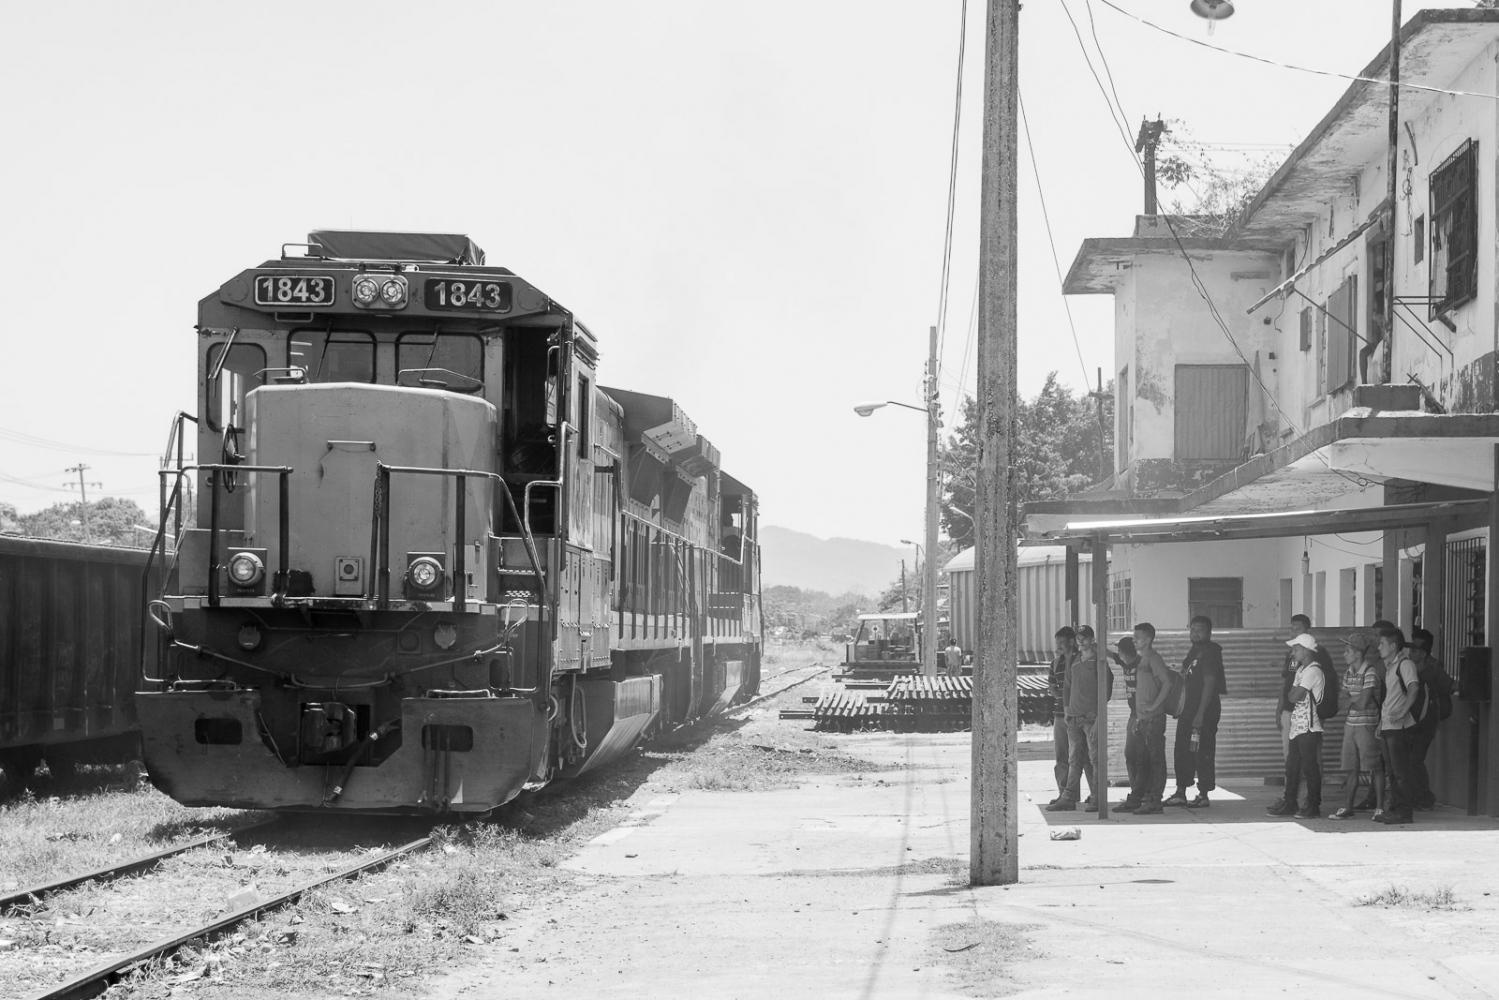 Tenosique, Tabasco, México, mayo 19, 2017: El tren (La bestia), ha dejado de ser la opción más usual de viaje para los migrantes, que ahora se despliegan por territorios solitarios y desconocidos.